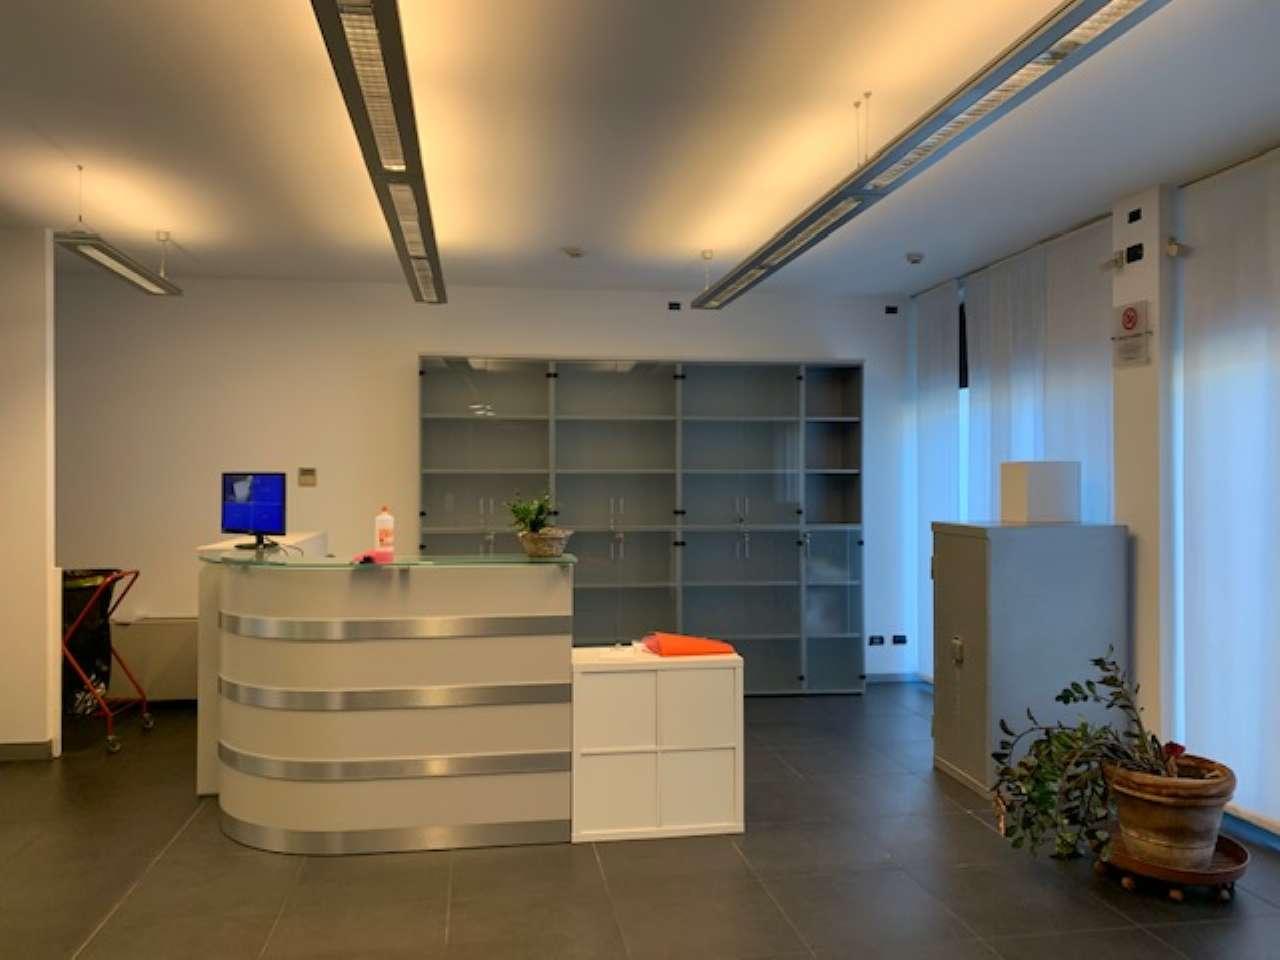 Ufficio / Studio in affitto a Trecate, 2 locali, prezzo € 2.200 | CambioCasa.it